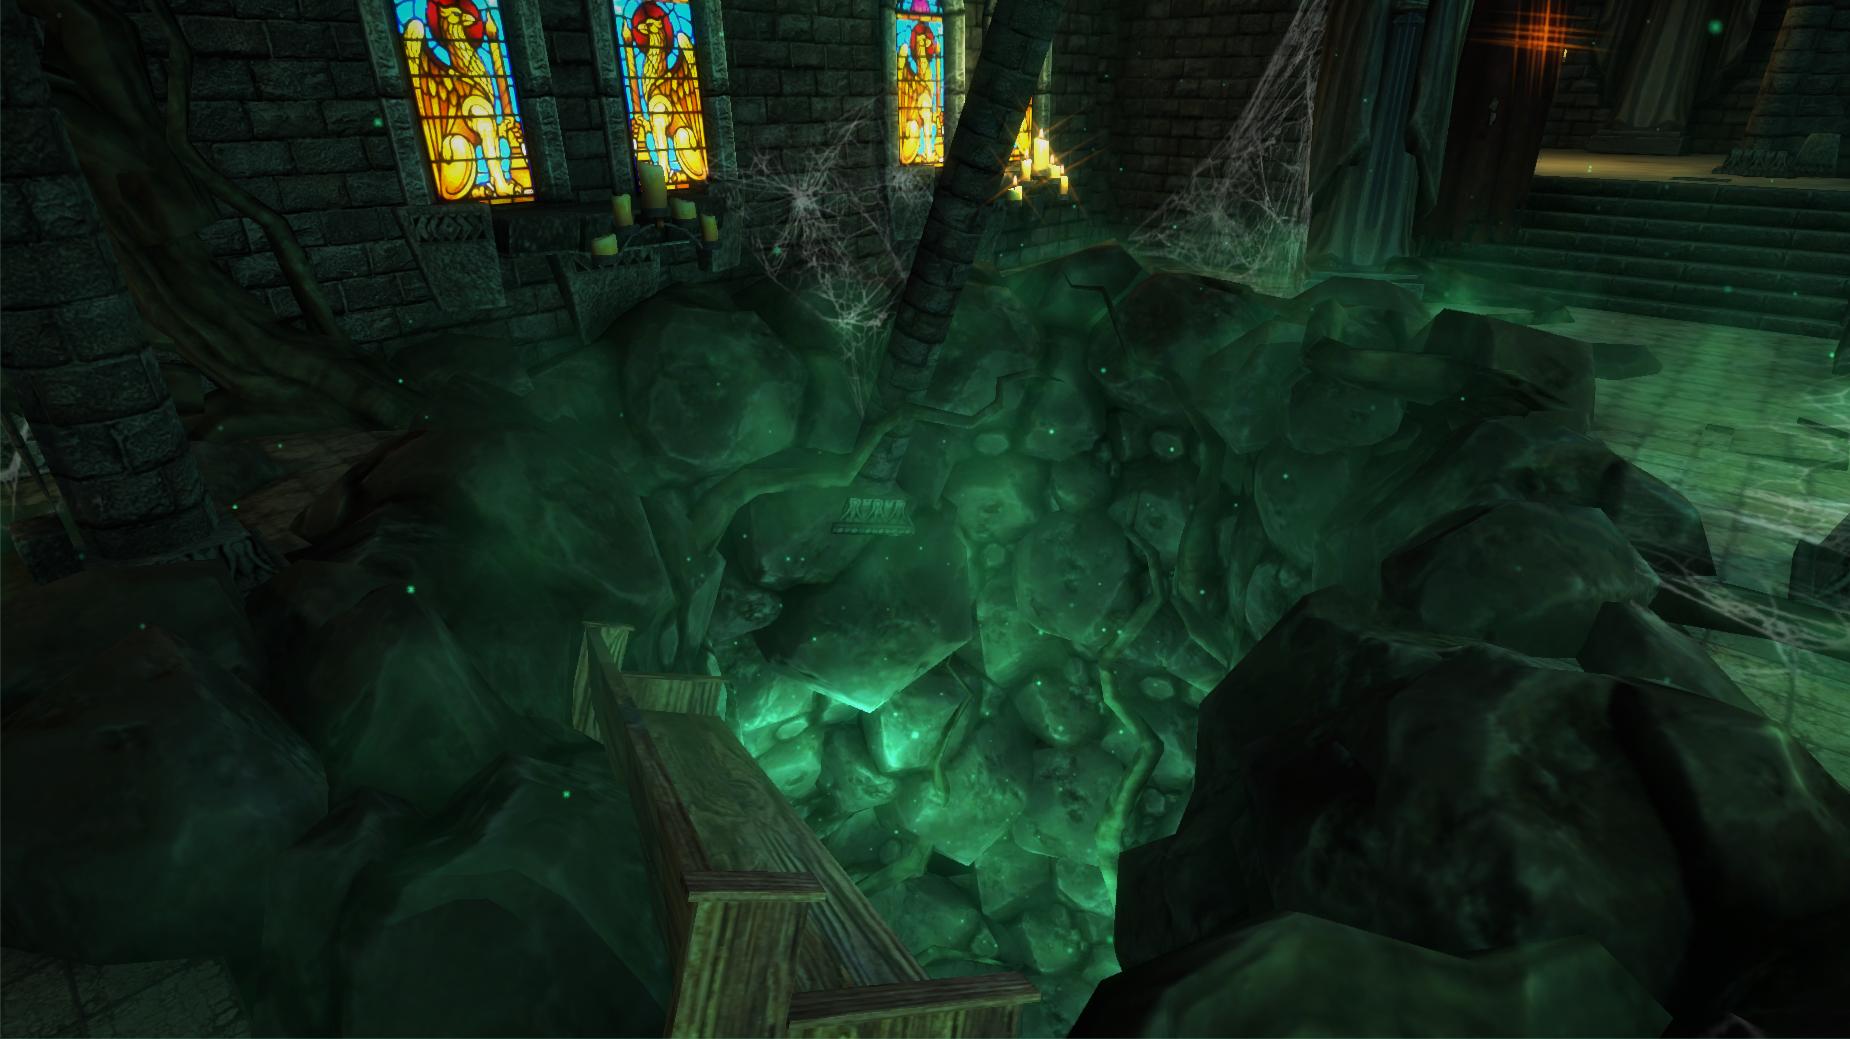 throne room game huge floor hol